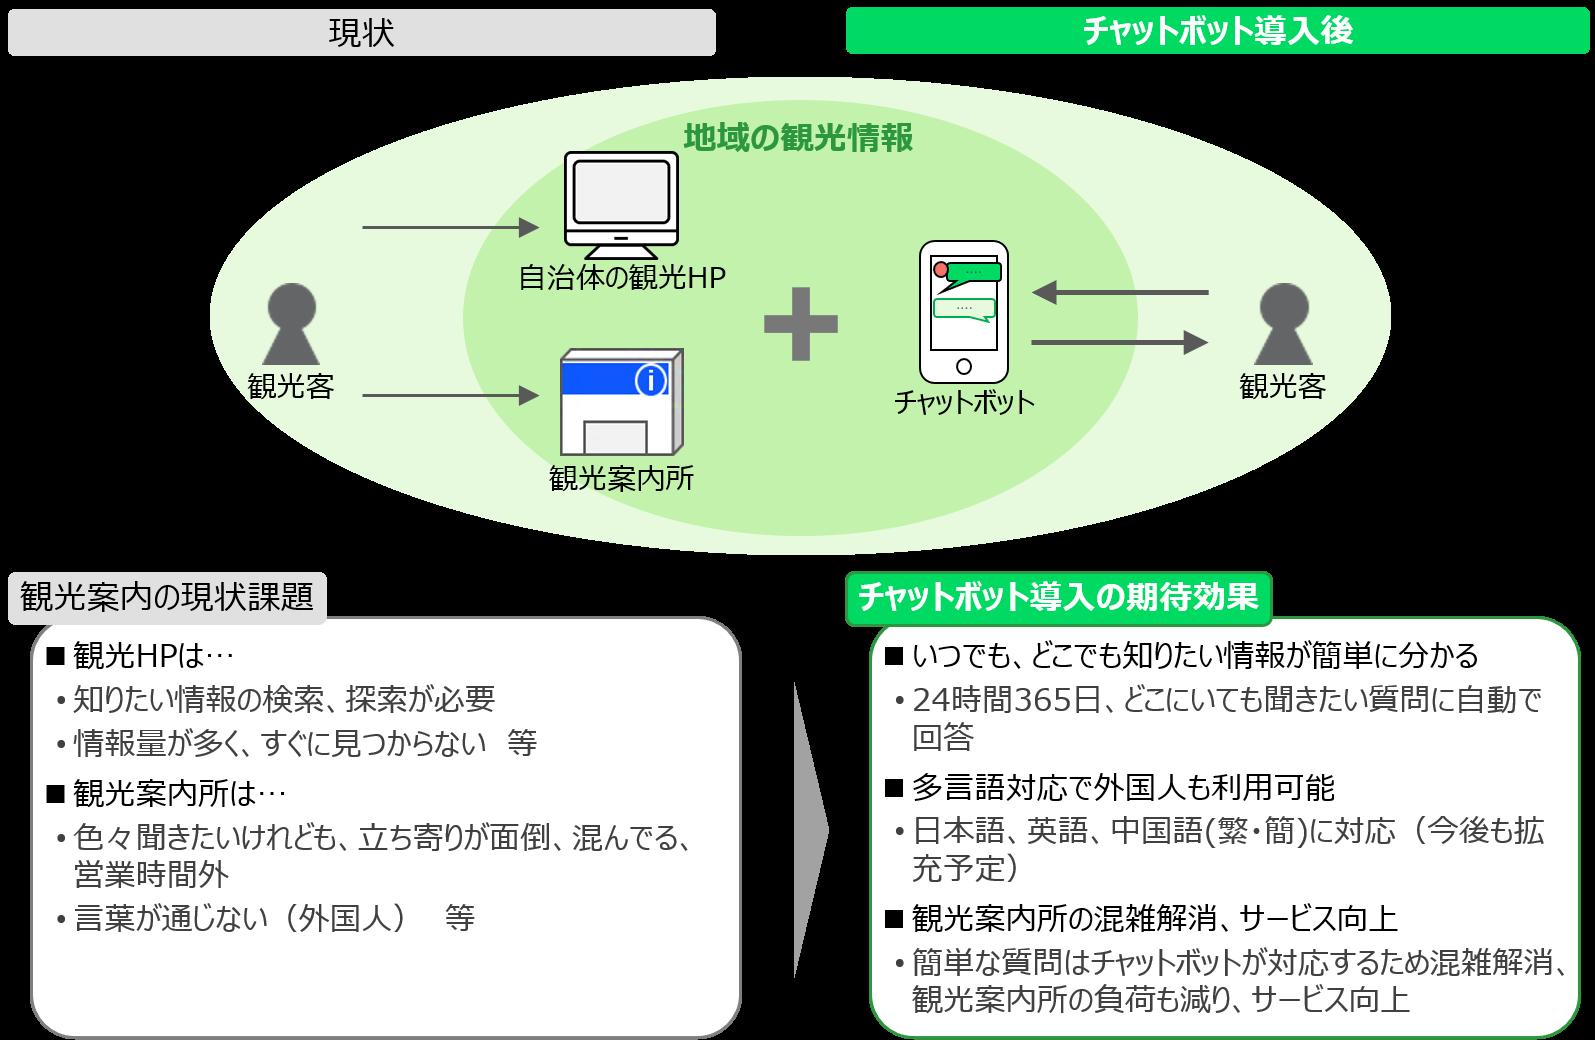 北海道くしろ地域での8市町村連携、広域観光DX事業をスタート